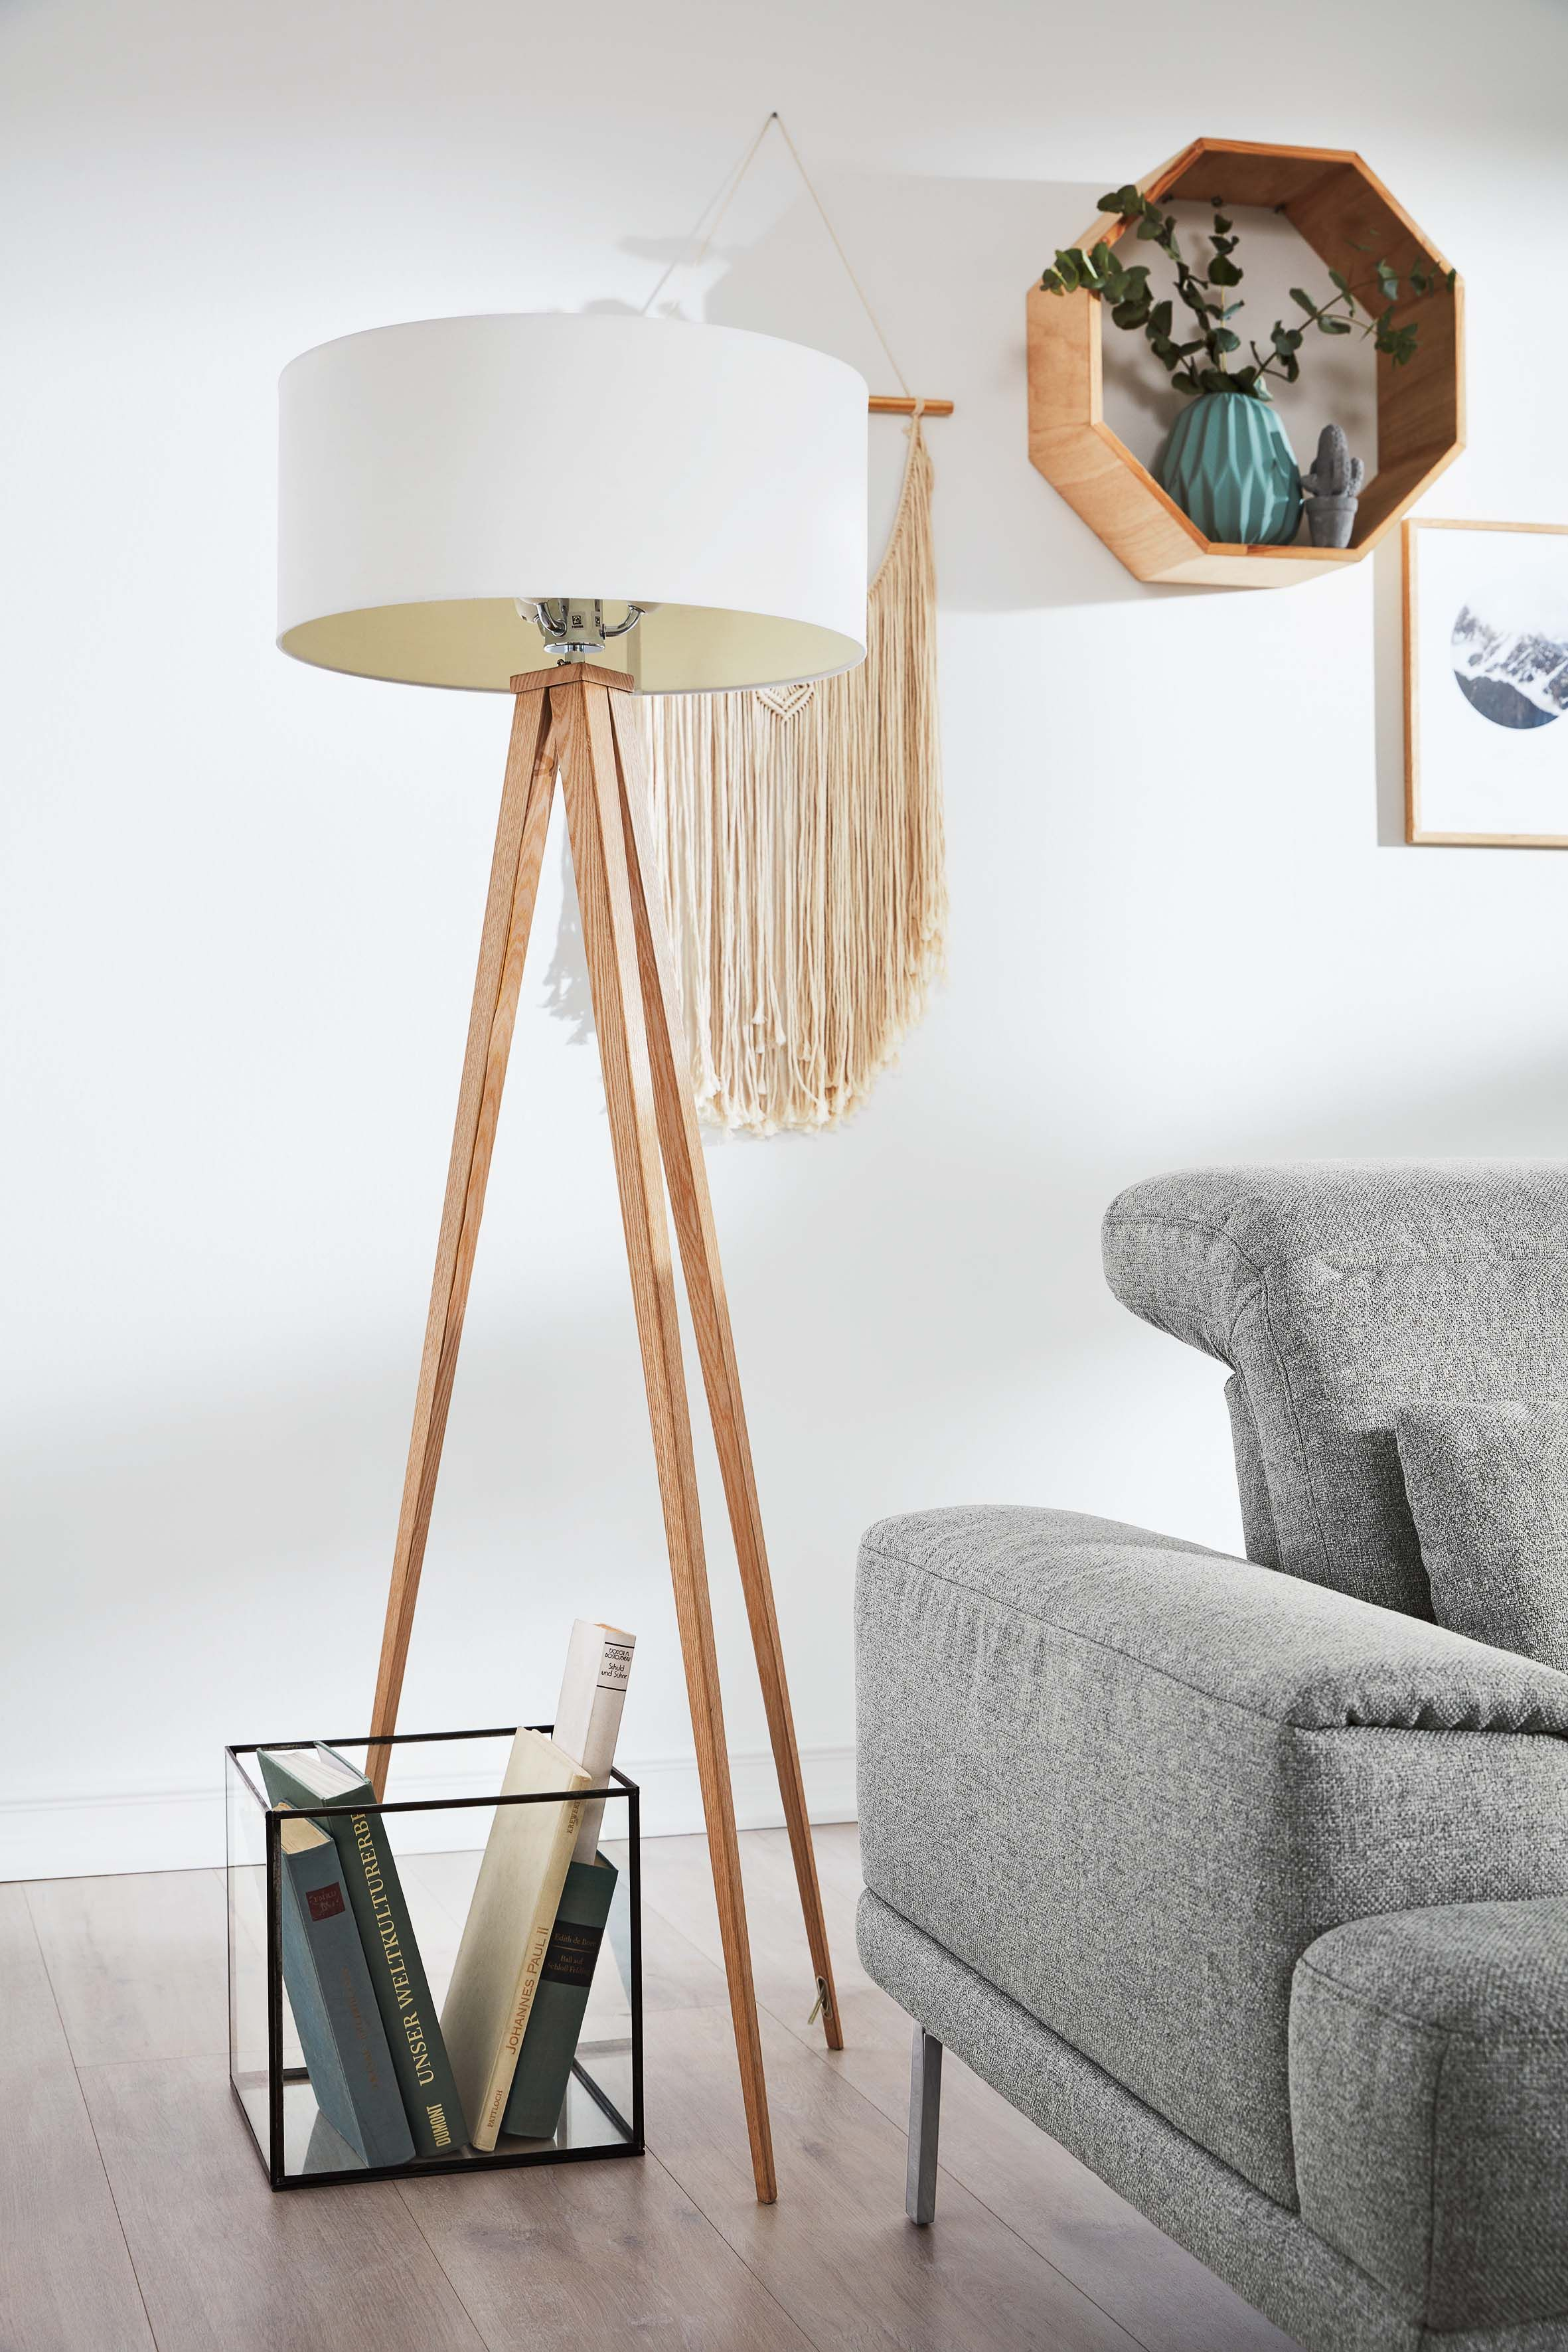 Skandinavisch Einrichten Stehlampe Wohnzimmer Lampen Wohnzimmer Wohnzimmer Einrichten